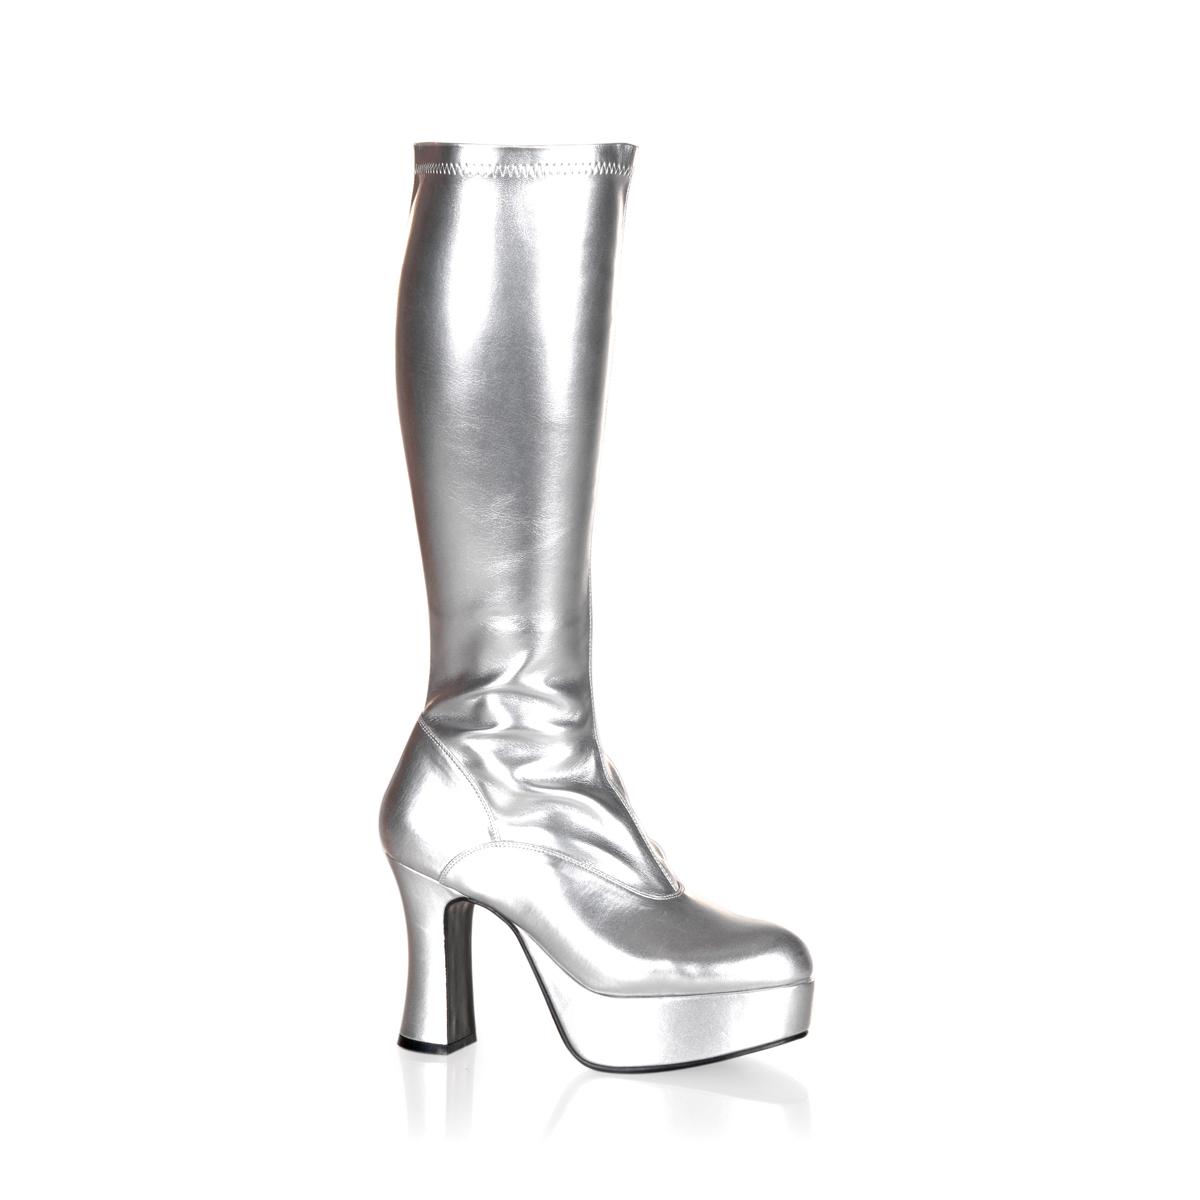 Crazy-Heels - High Heels und sexy Dessous online kaufen 54b3873dff